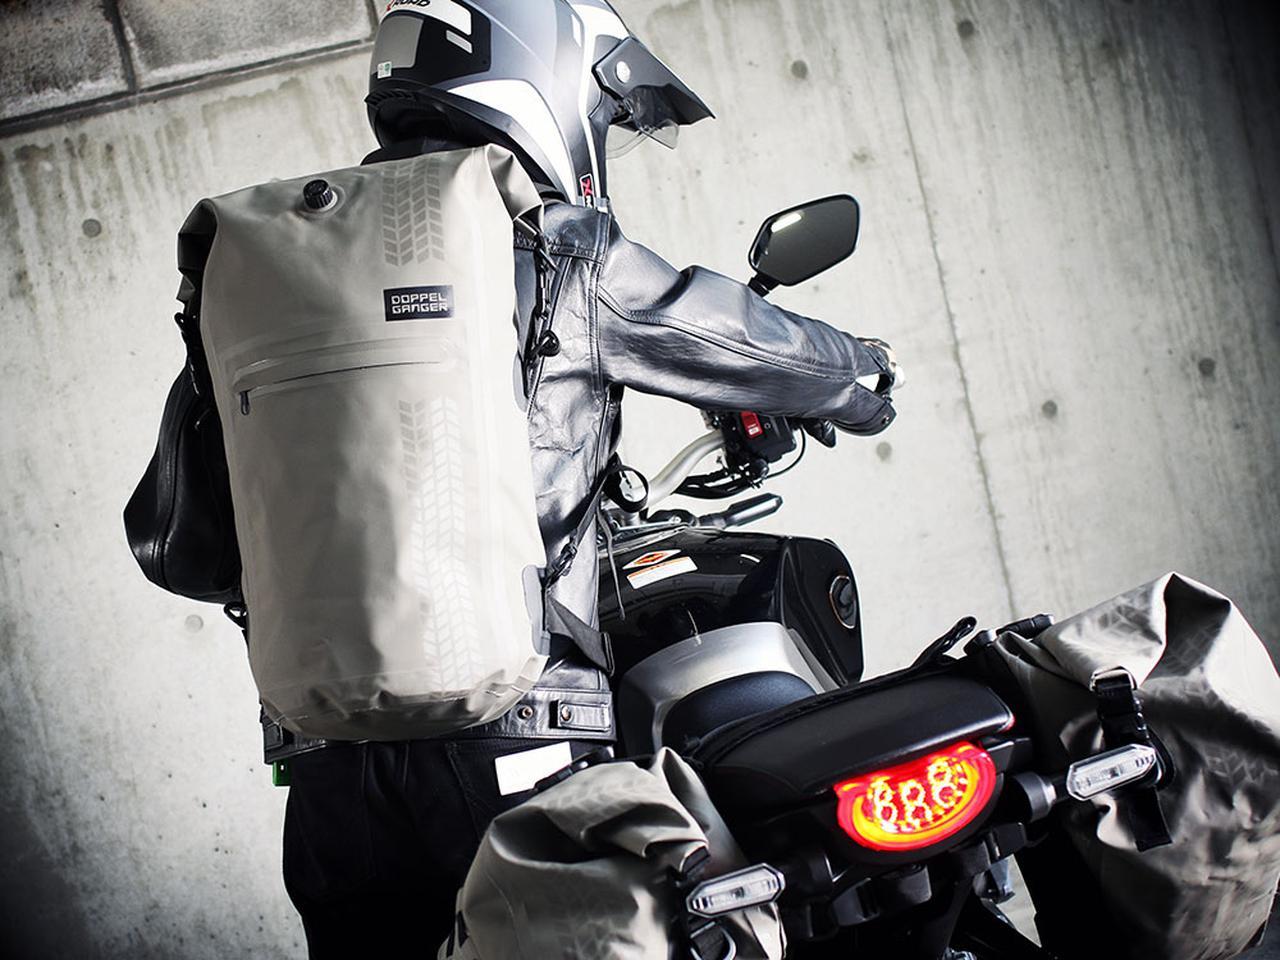 シートバッグとしても使えるドッペルギャンガーの「ターポリンデイパック」に新色が登場!